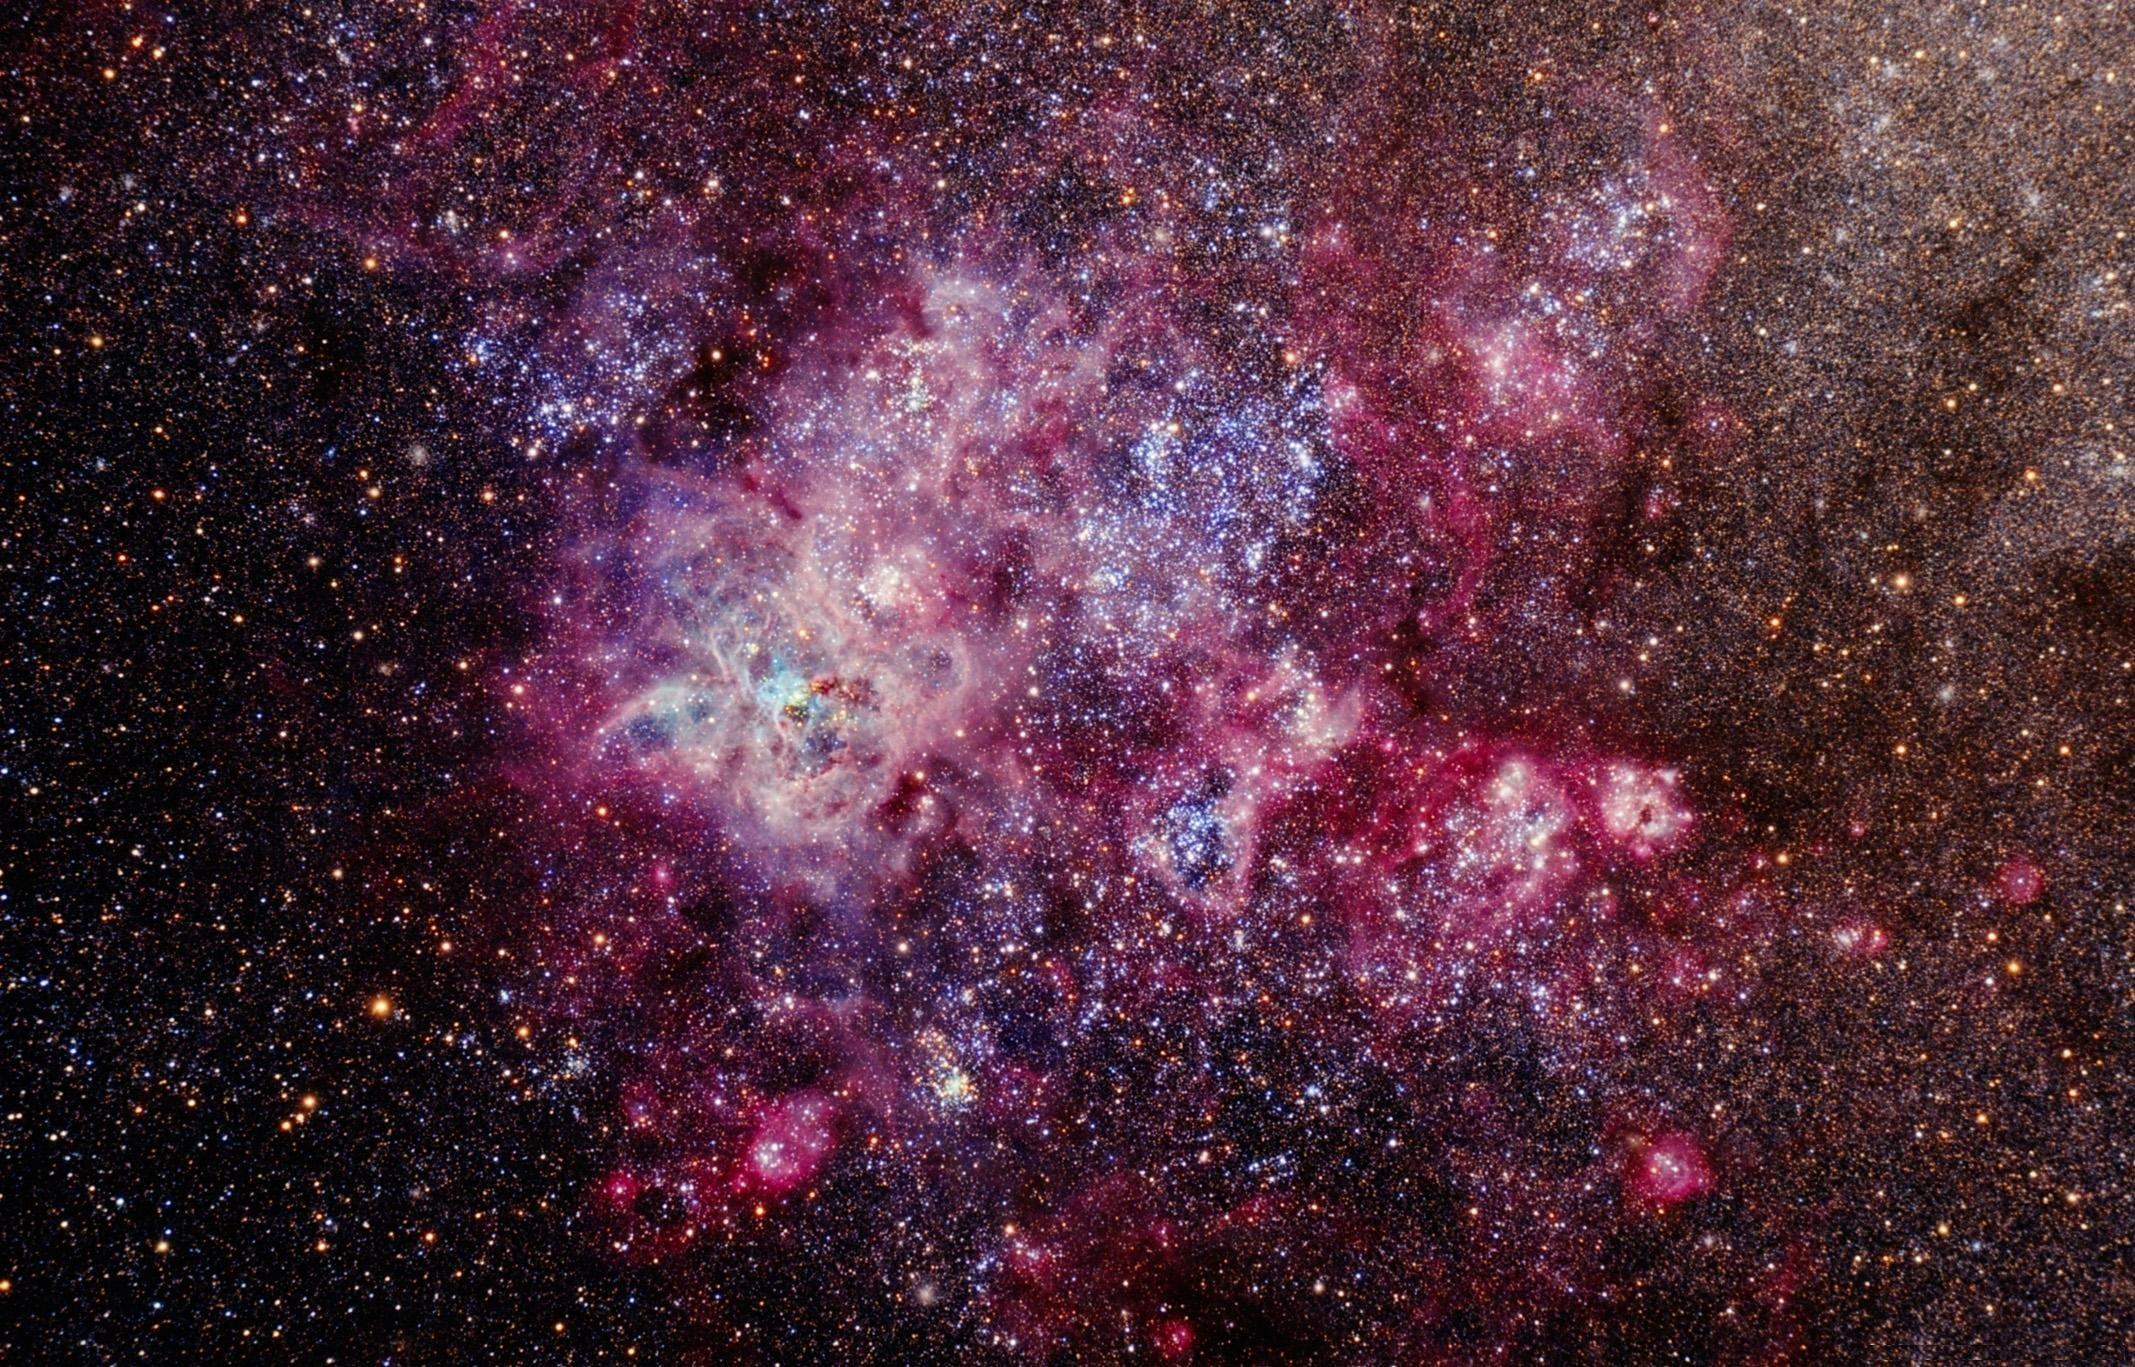 картинки звезд в хорошем качестве процессе фотосинтеза органические